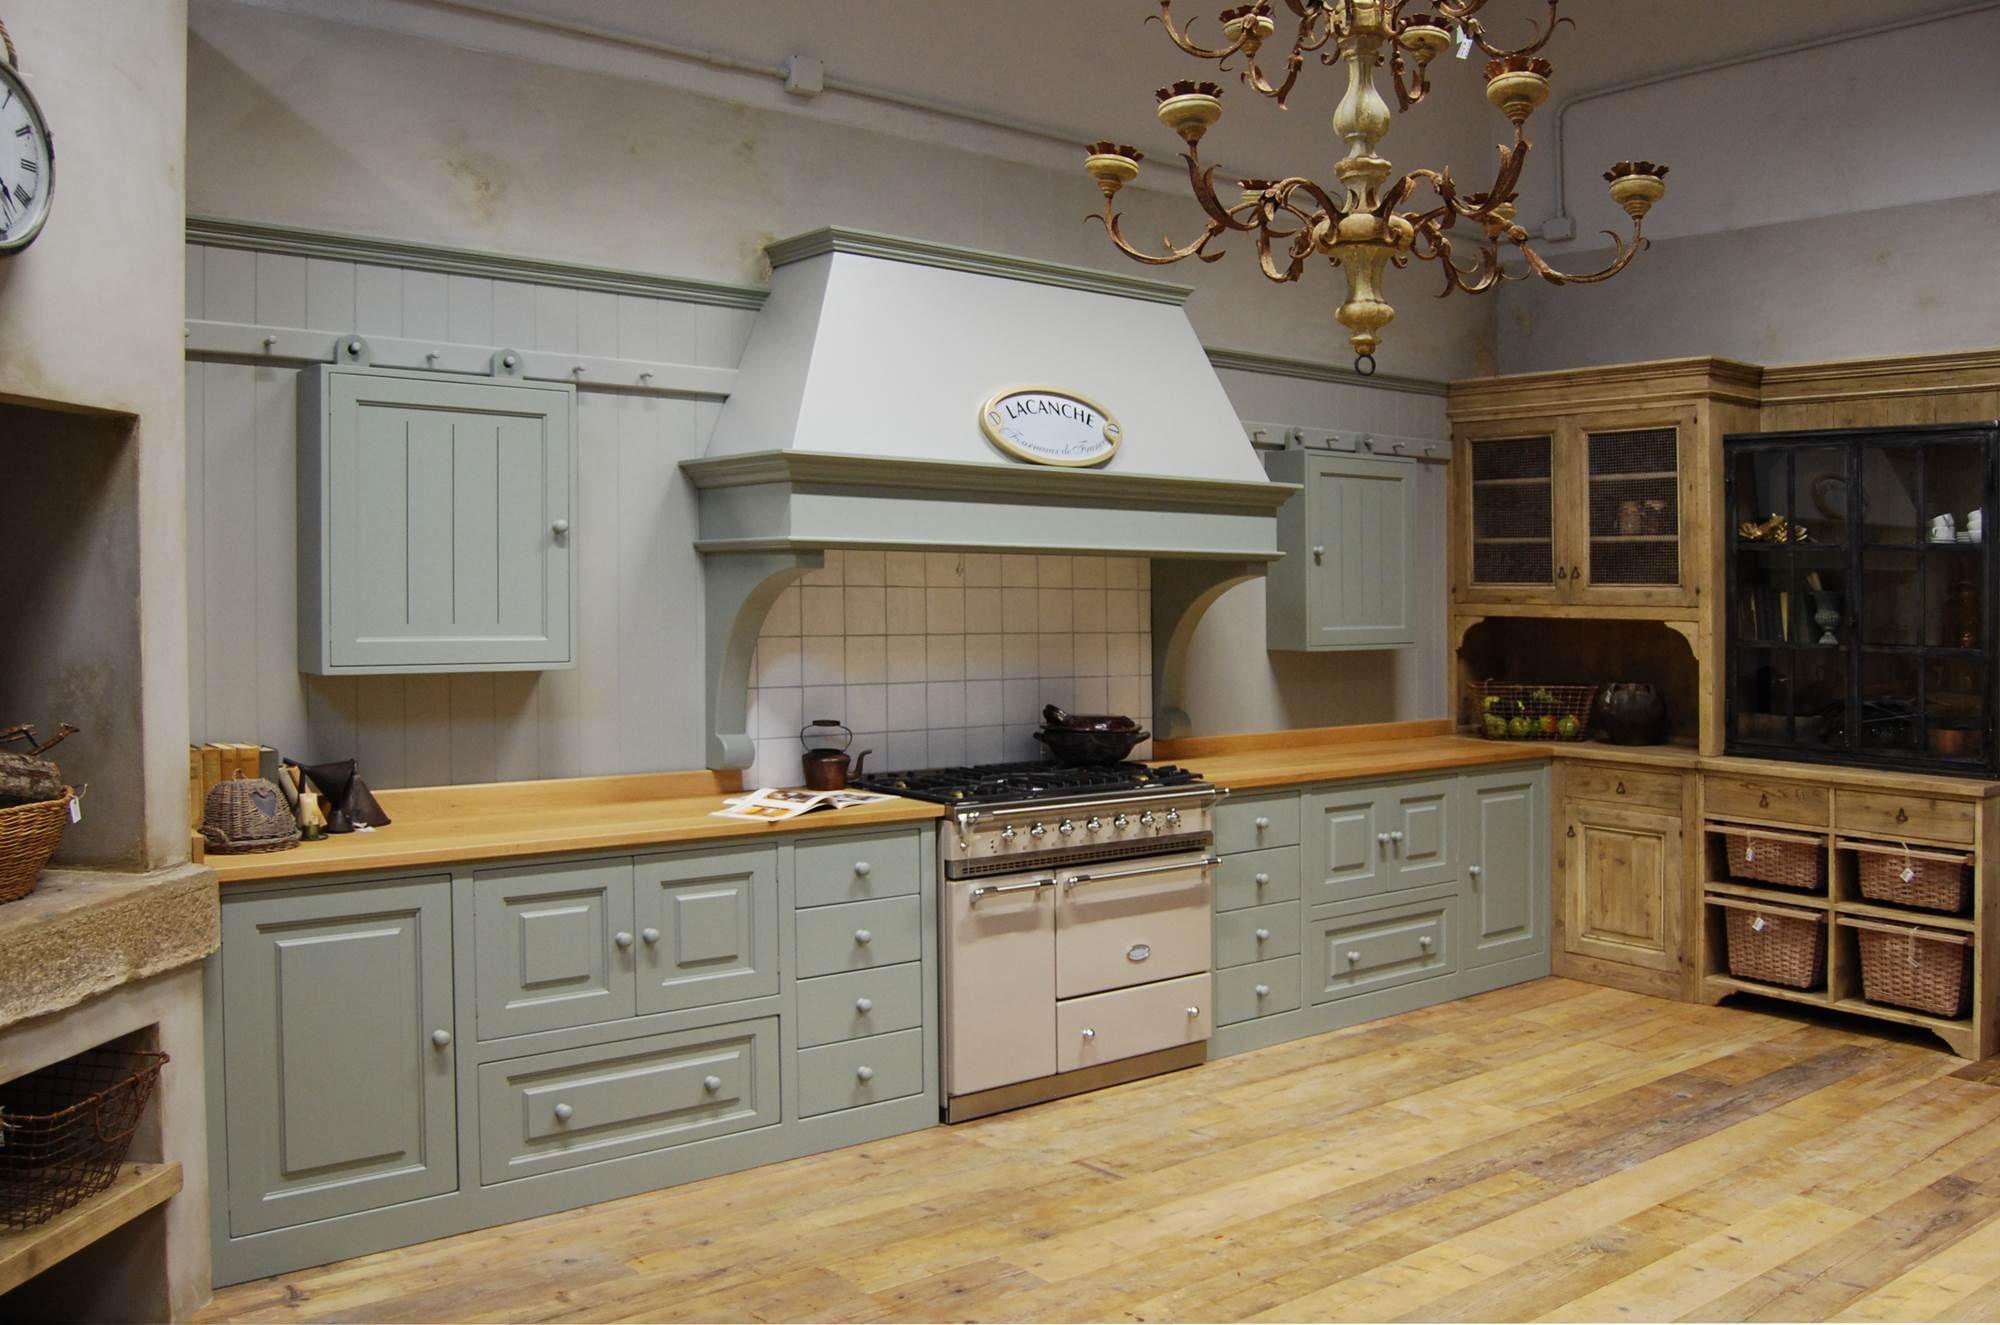 Cappe cucine rustiche cucina rustica decapata beate cucine belli with cappe cucine rustiche - Cappa per cucina a legna ...